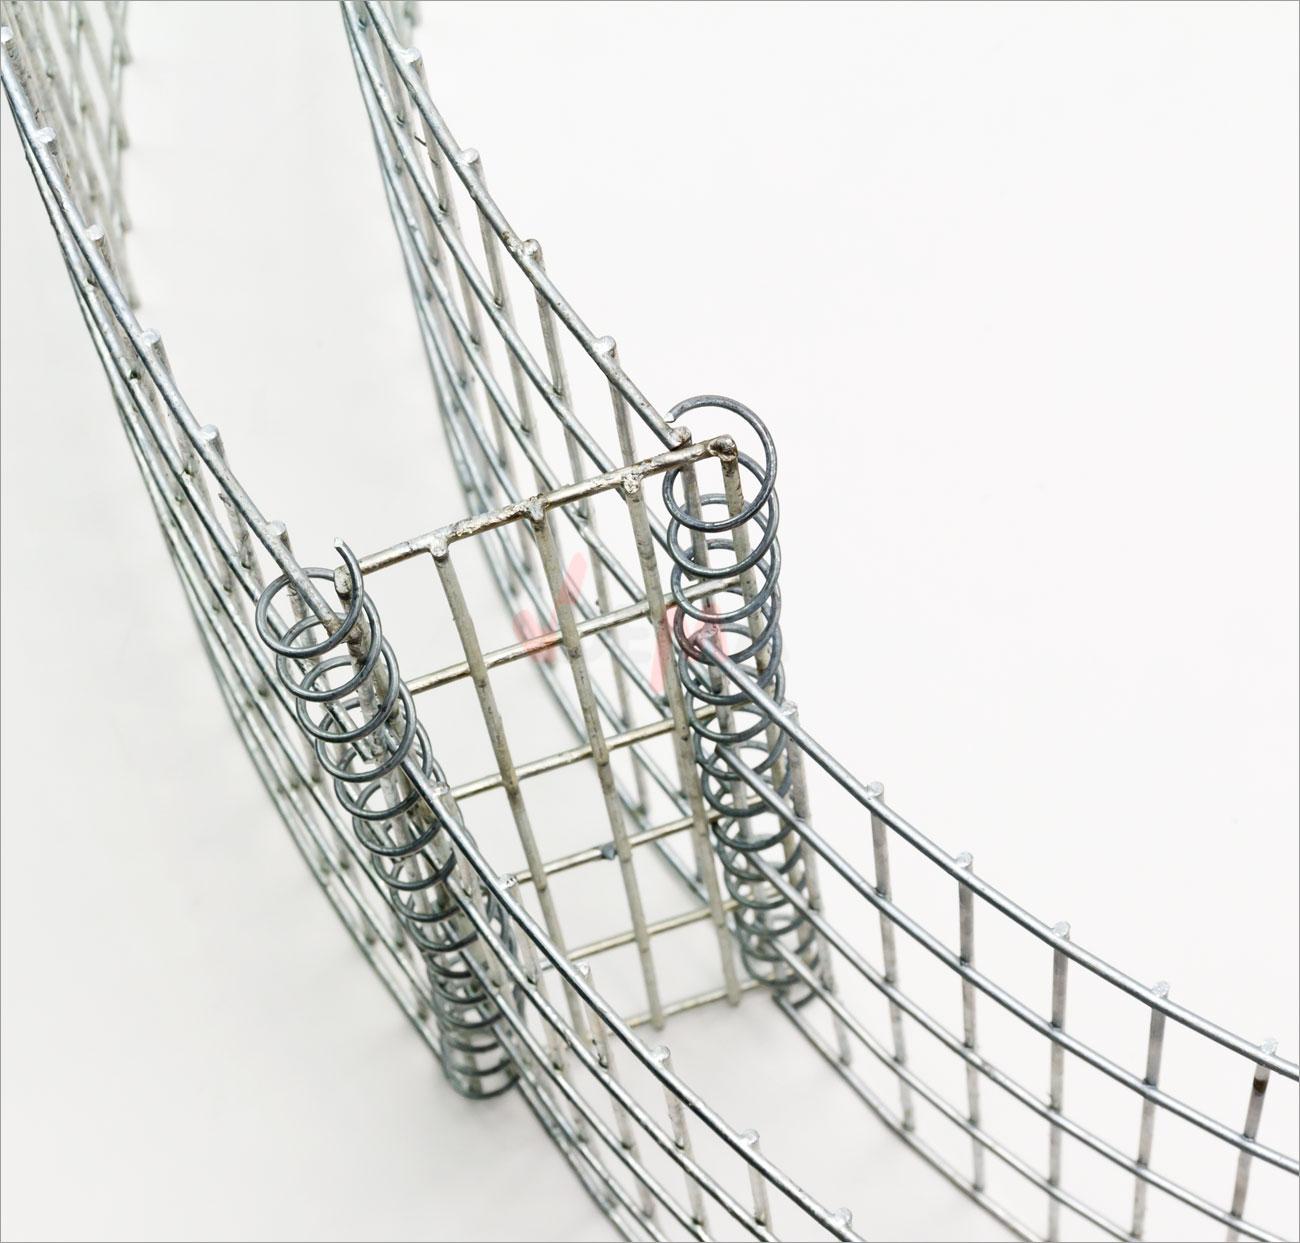 918489 gabione kr uterspirale kr uterschnecke gabionen kr uter pflanzen garten ebay. Black Bedroom Furniture Sets. Home Design Ideas